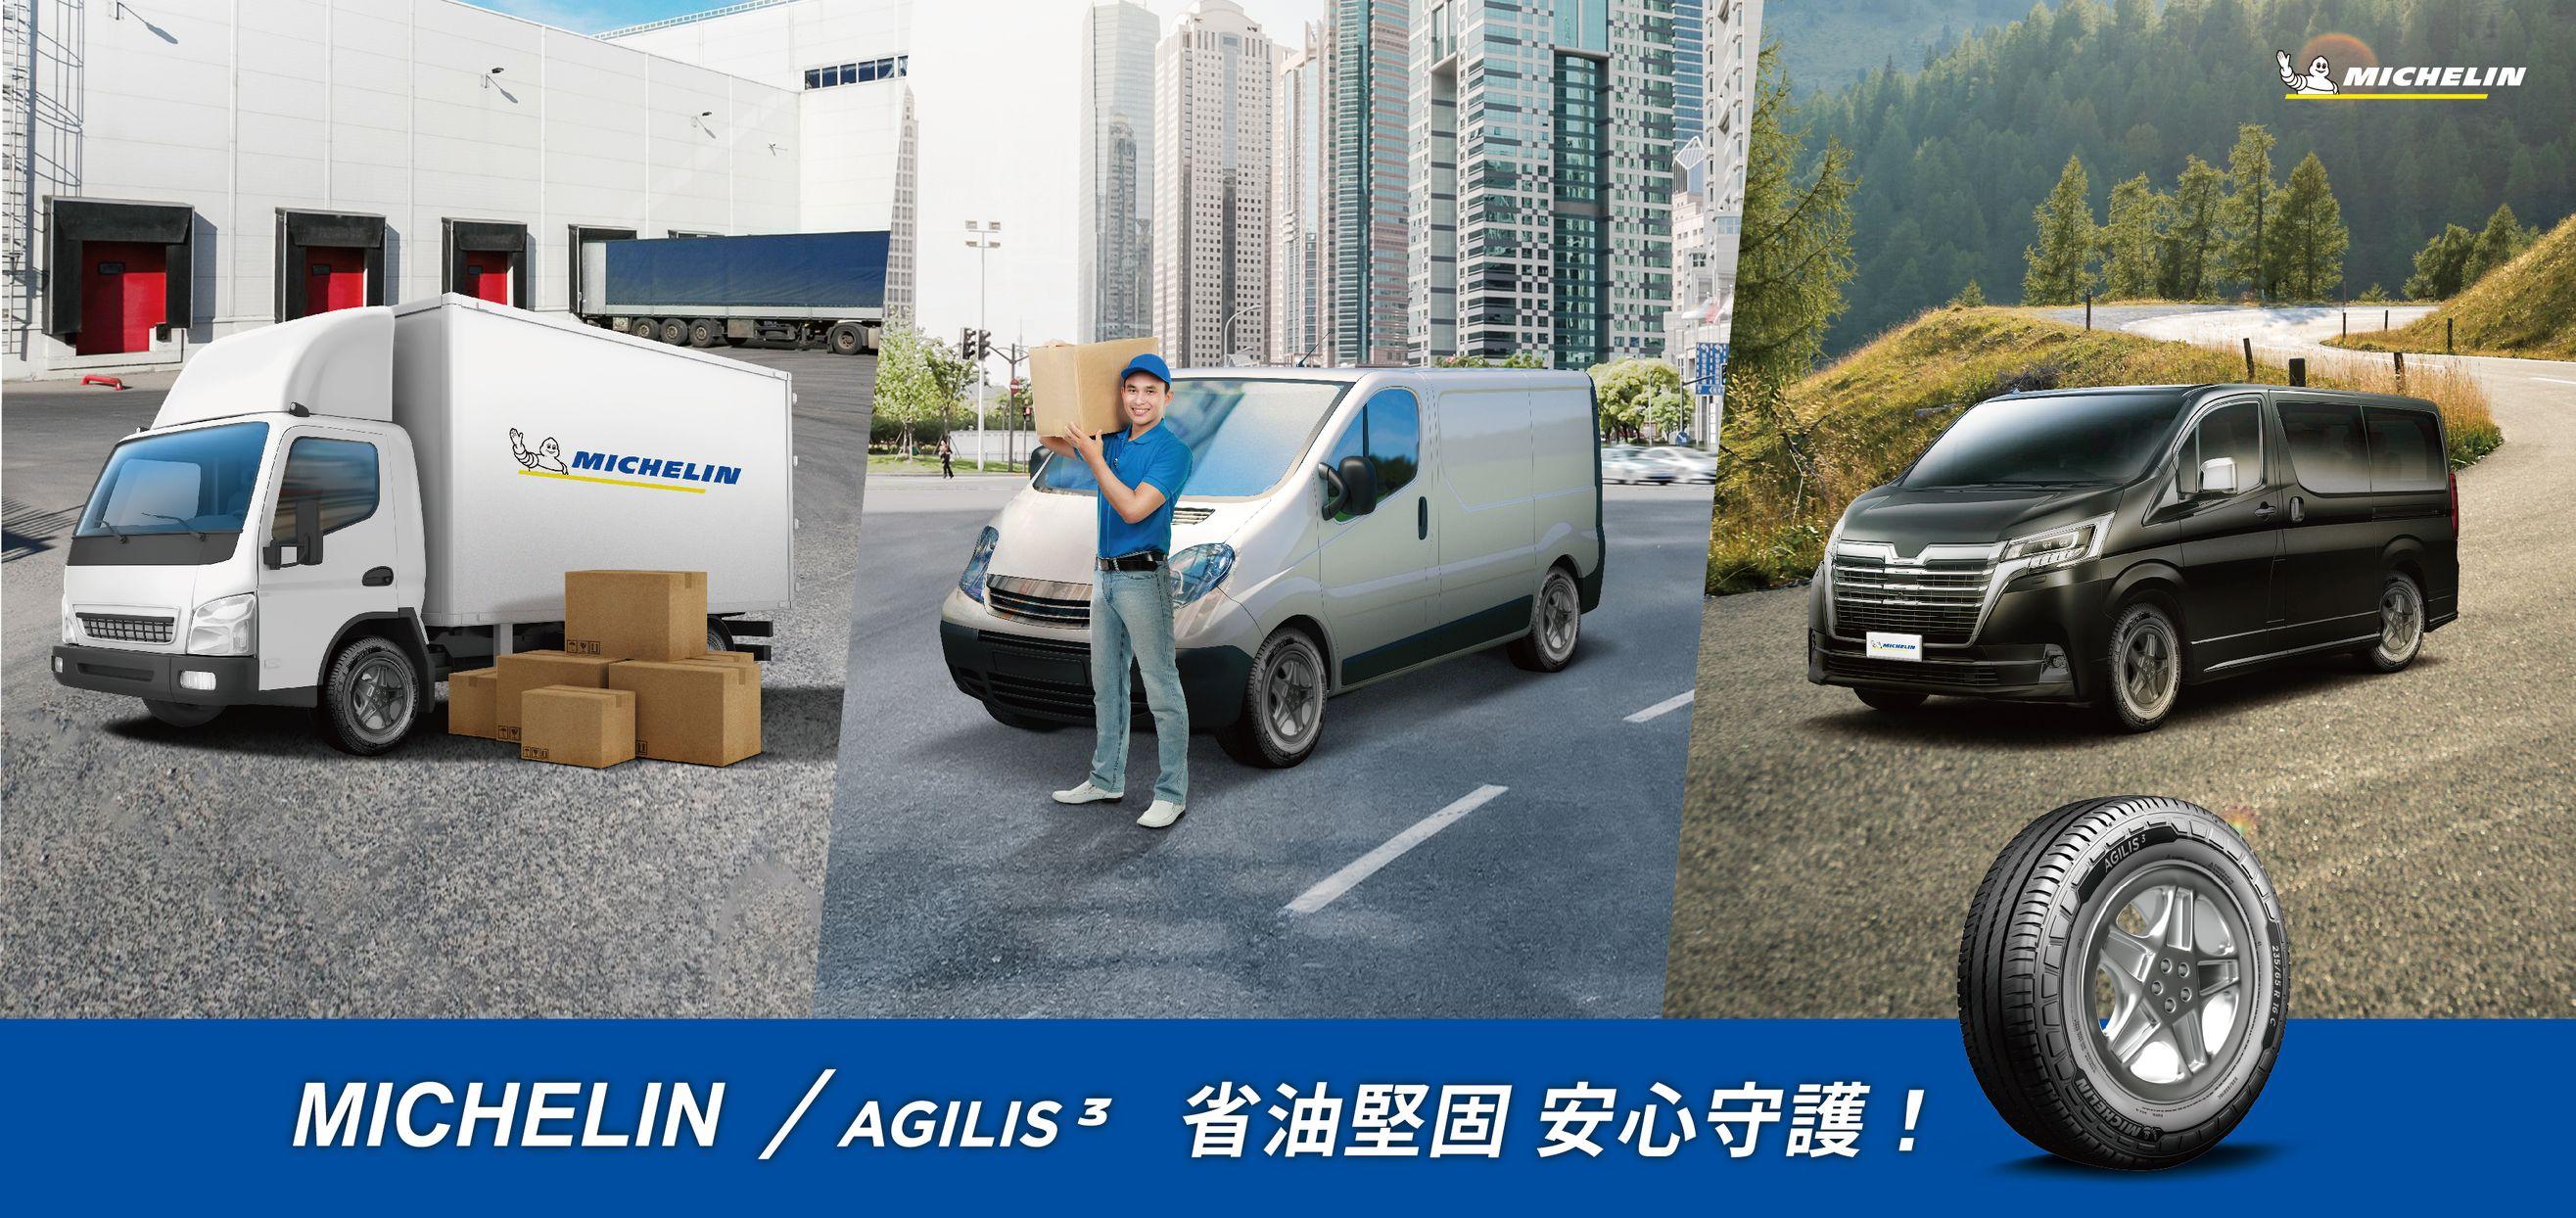 Michelin Agilis 3_3.jpg